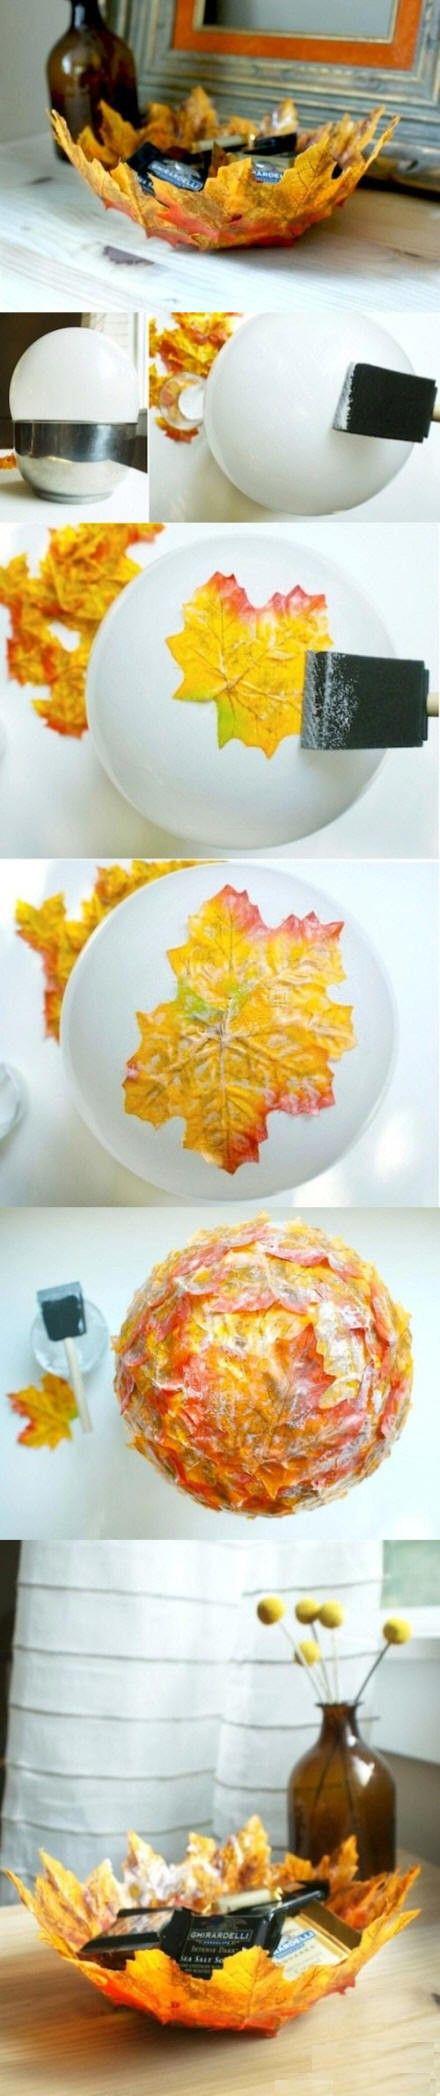 cestino di foglie